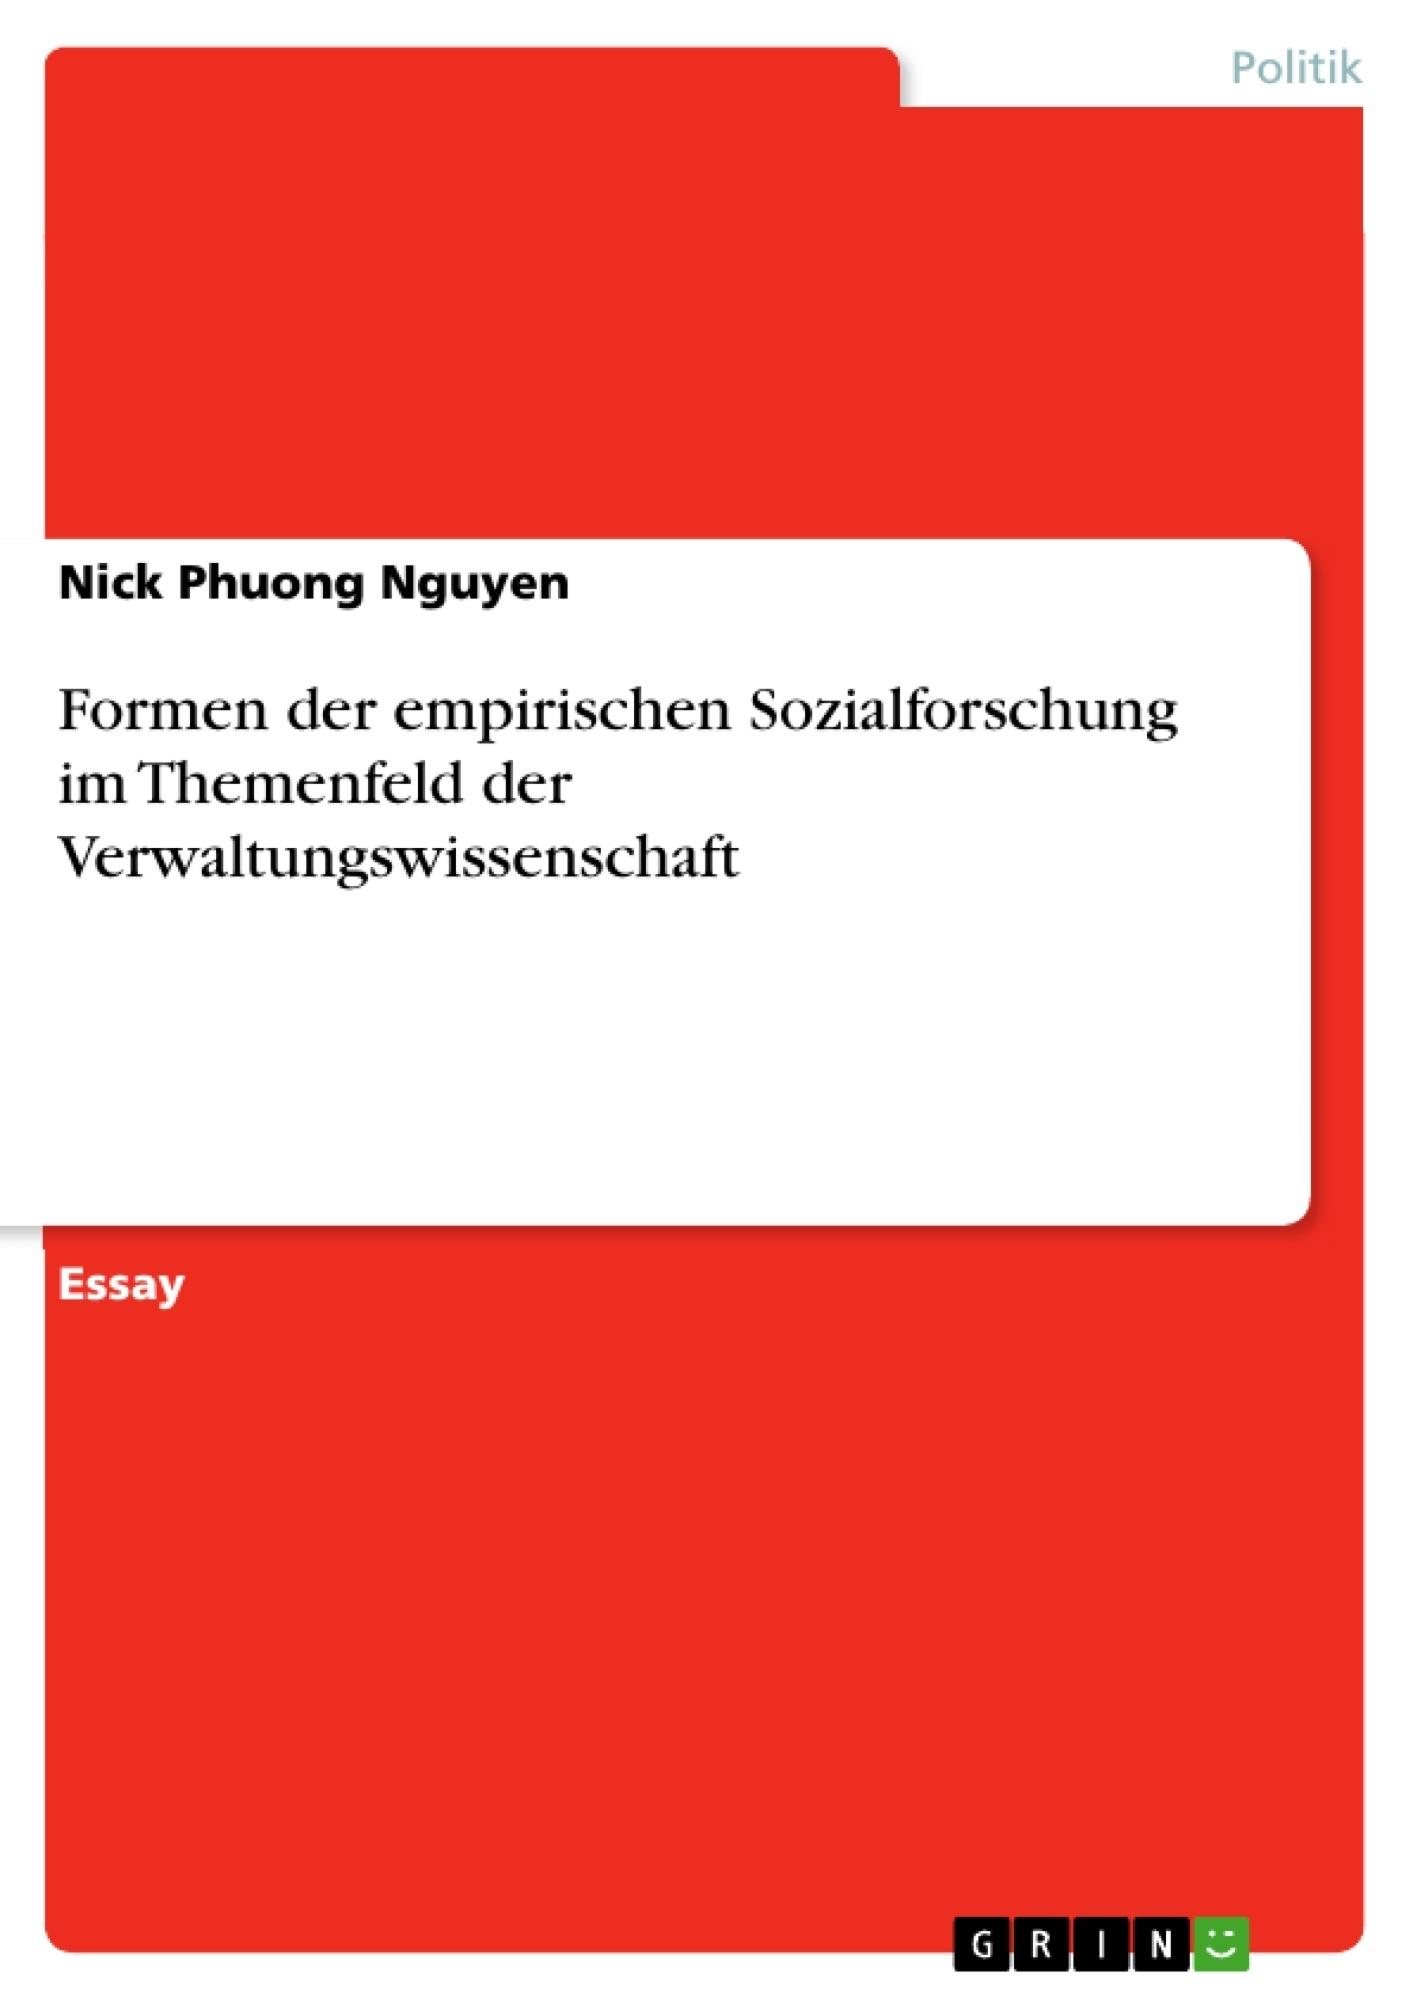 Titel: Formen der empirischen Sozialforschung im Themenfeld der Verwaltungswissenschaft